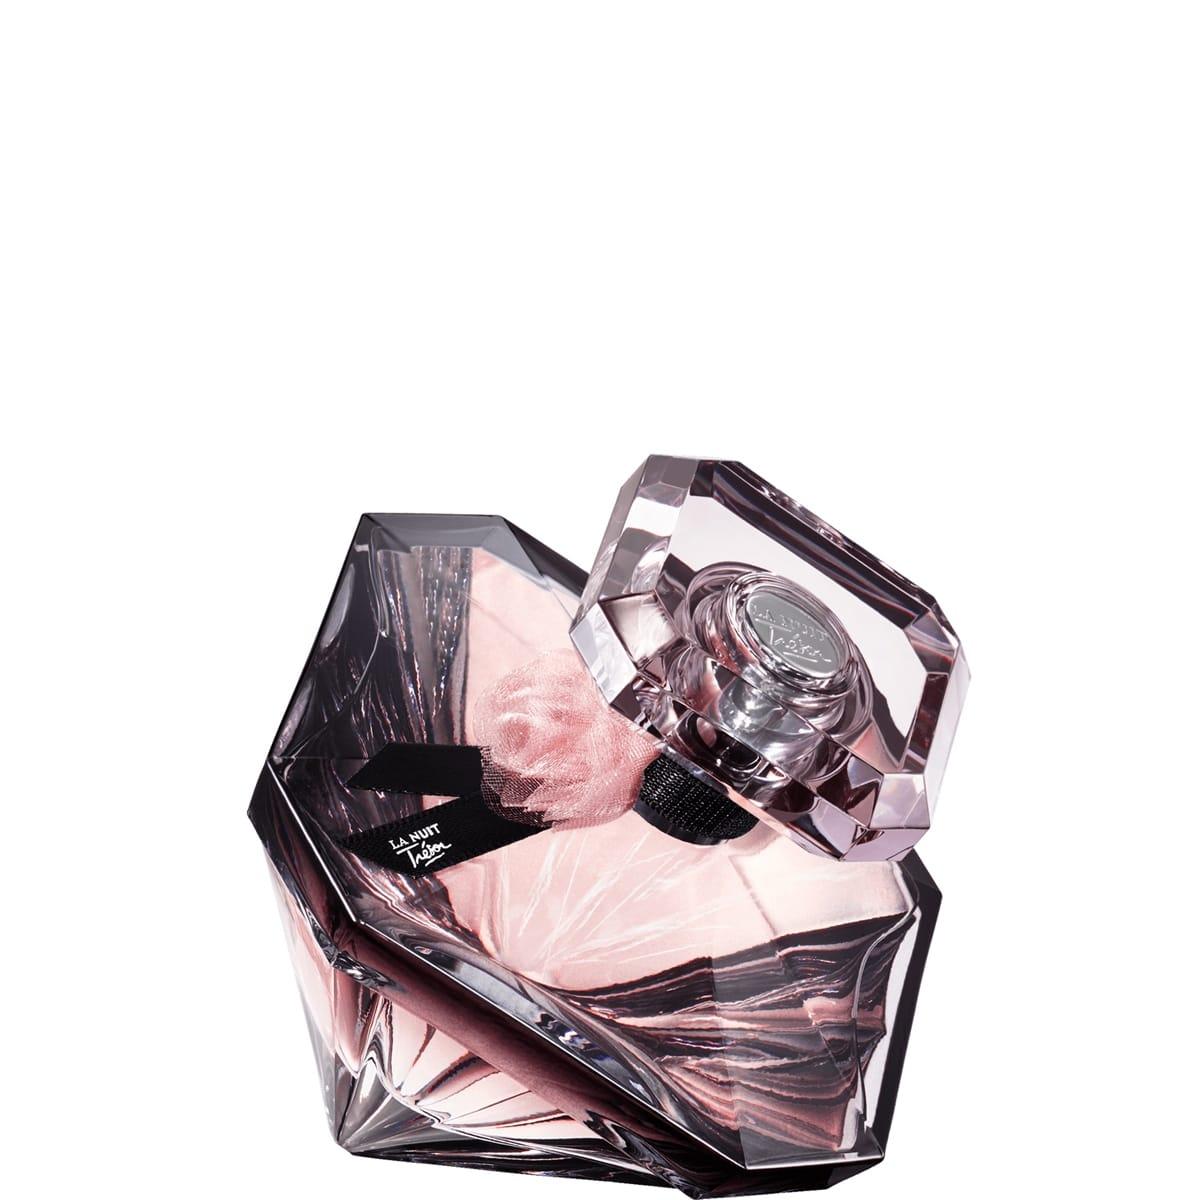 De Eau Nuit La Parfum Trésor Caresse xoWBrdeQCE